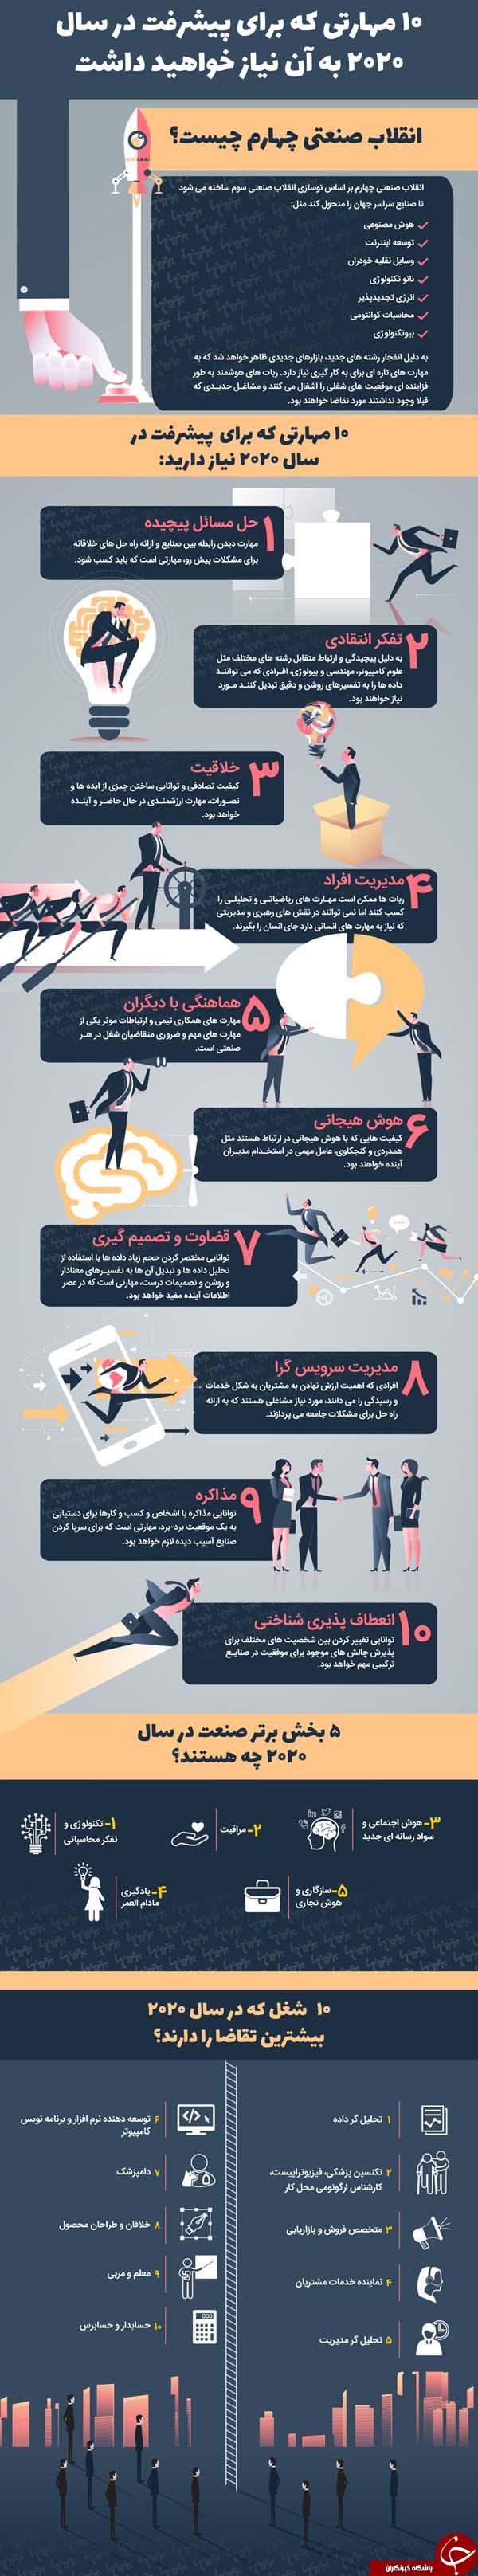 مهارتهایی برای پیشرفت در آینده + اینفوگرافی